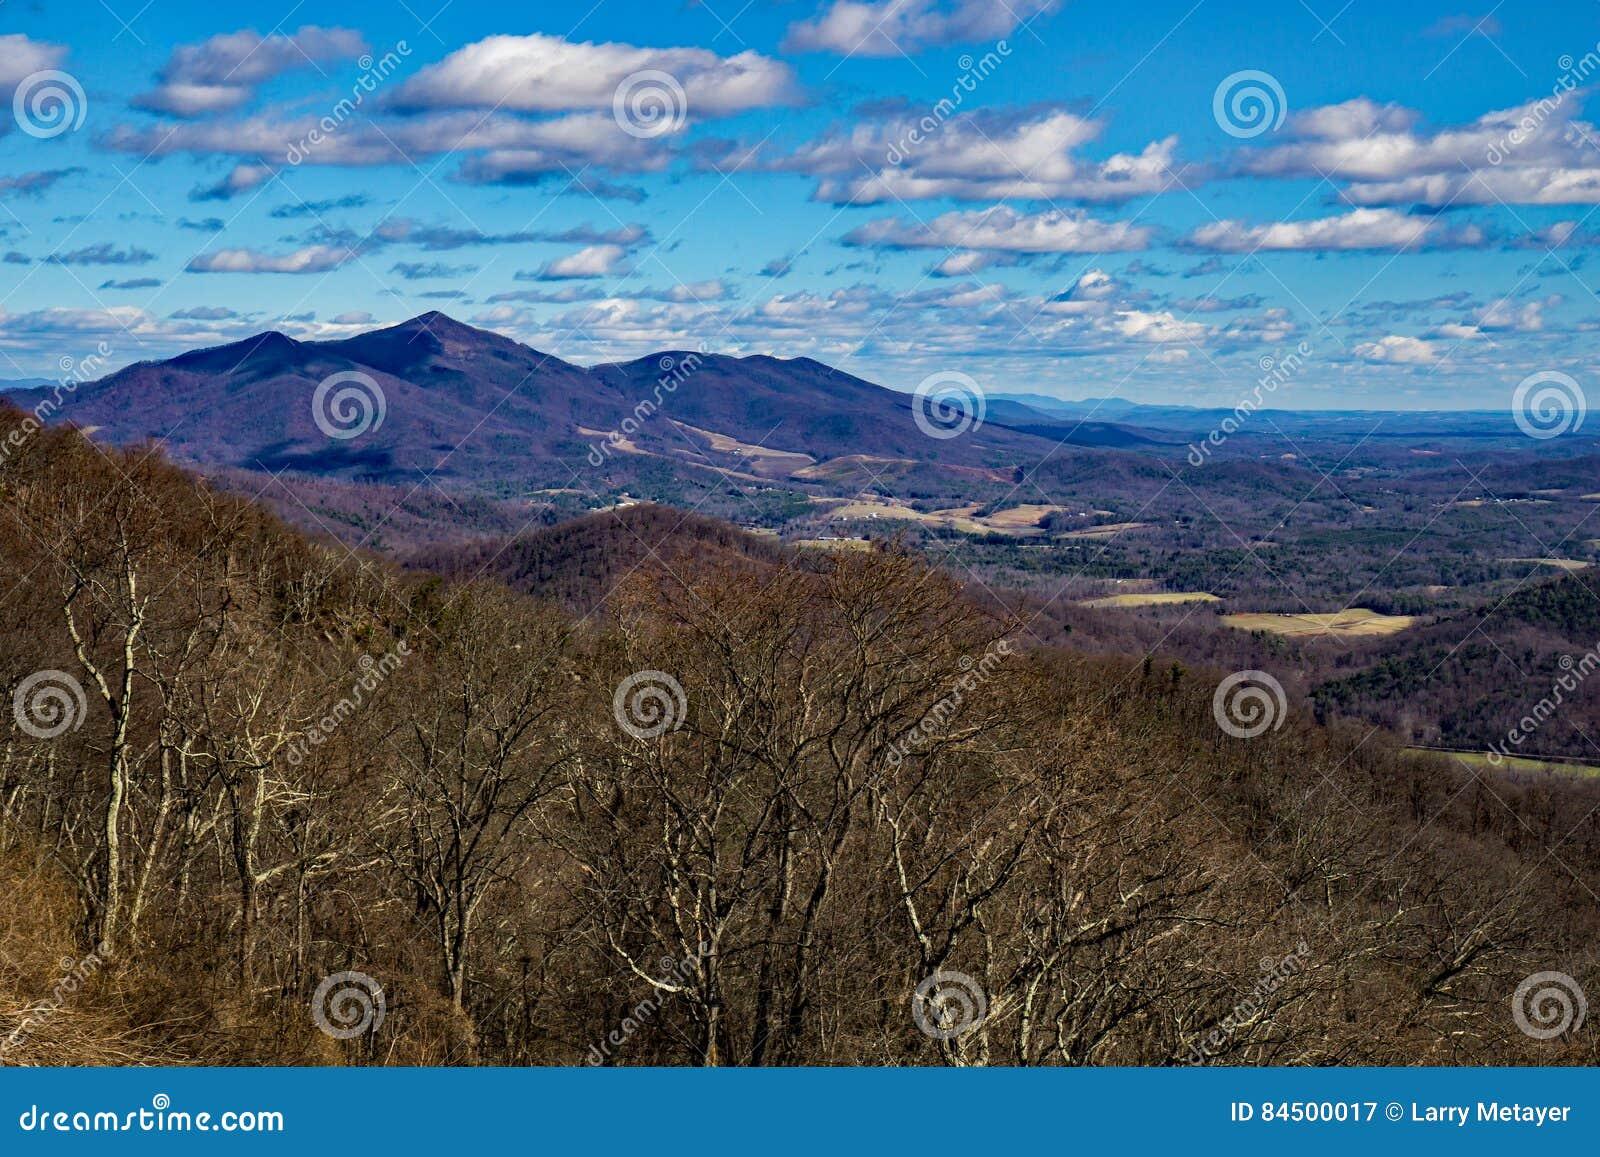 Διάβολοι χώρος στάθμευσης κορυφογραμμών σπονδυλικών στηλών †«μπλε, Βιρτζίνια, ΗΠΑ